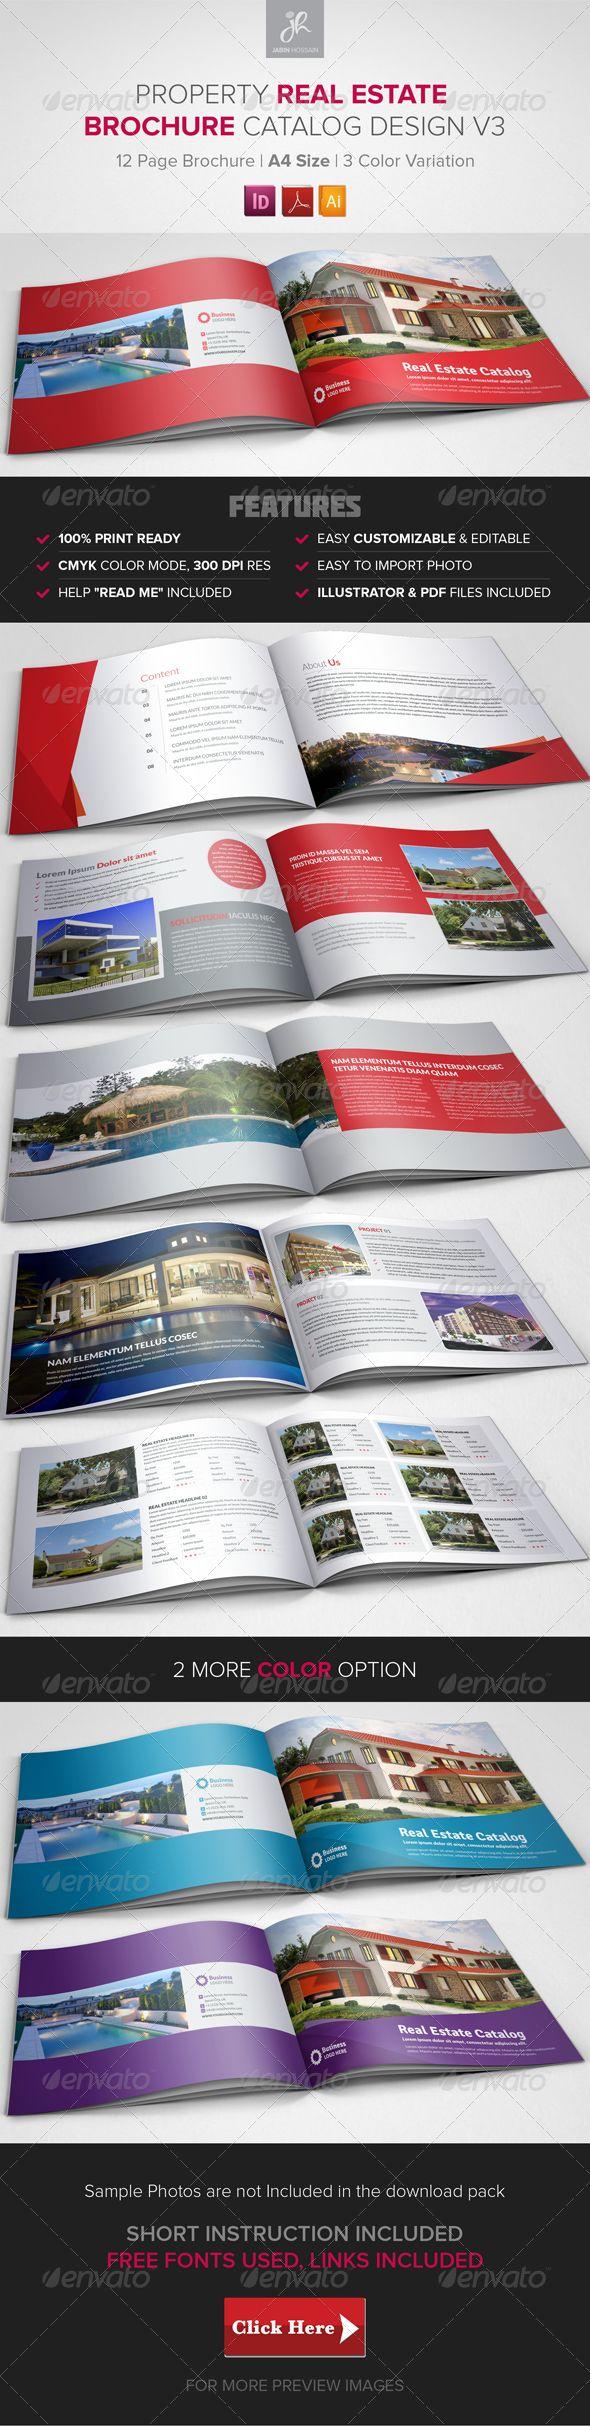 Property Sale/Real Estate Brochure Catalog v3